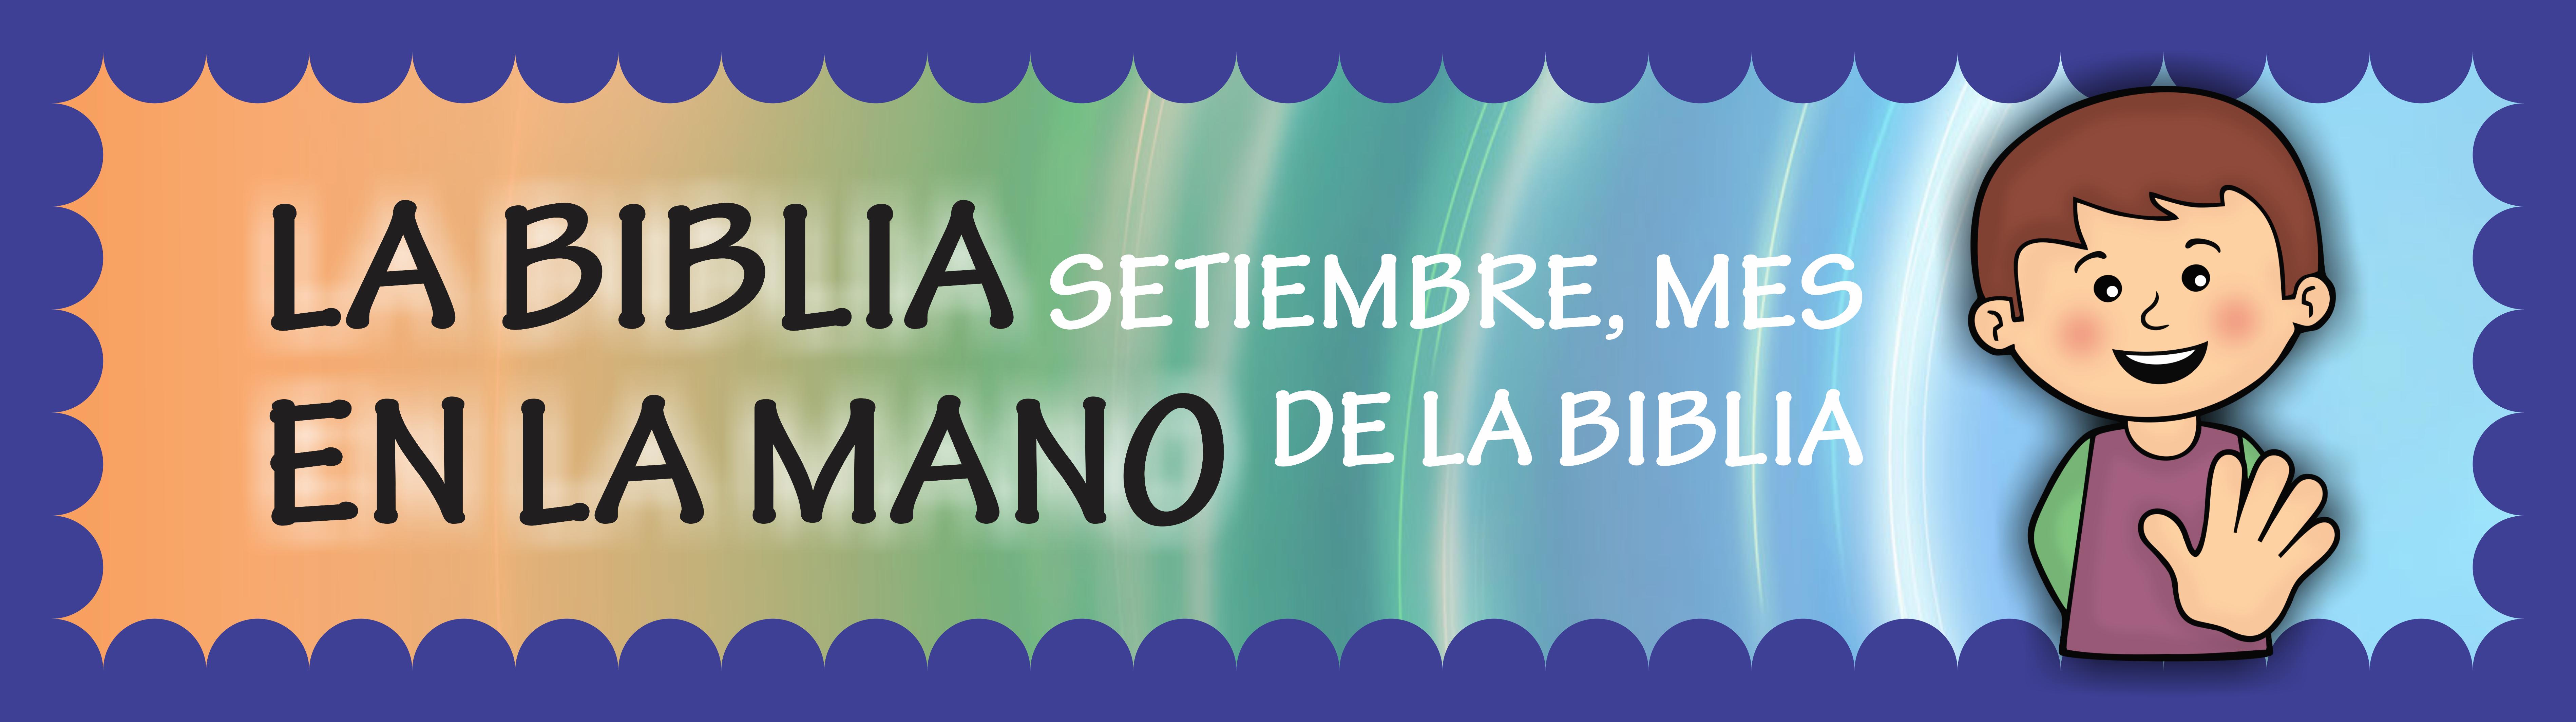 Biblia | Club Perlita